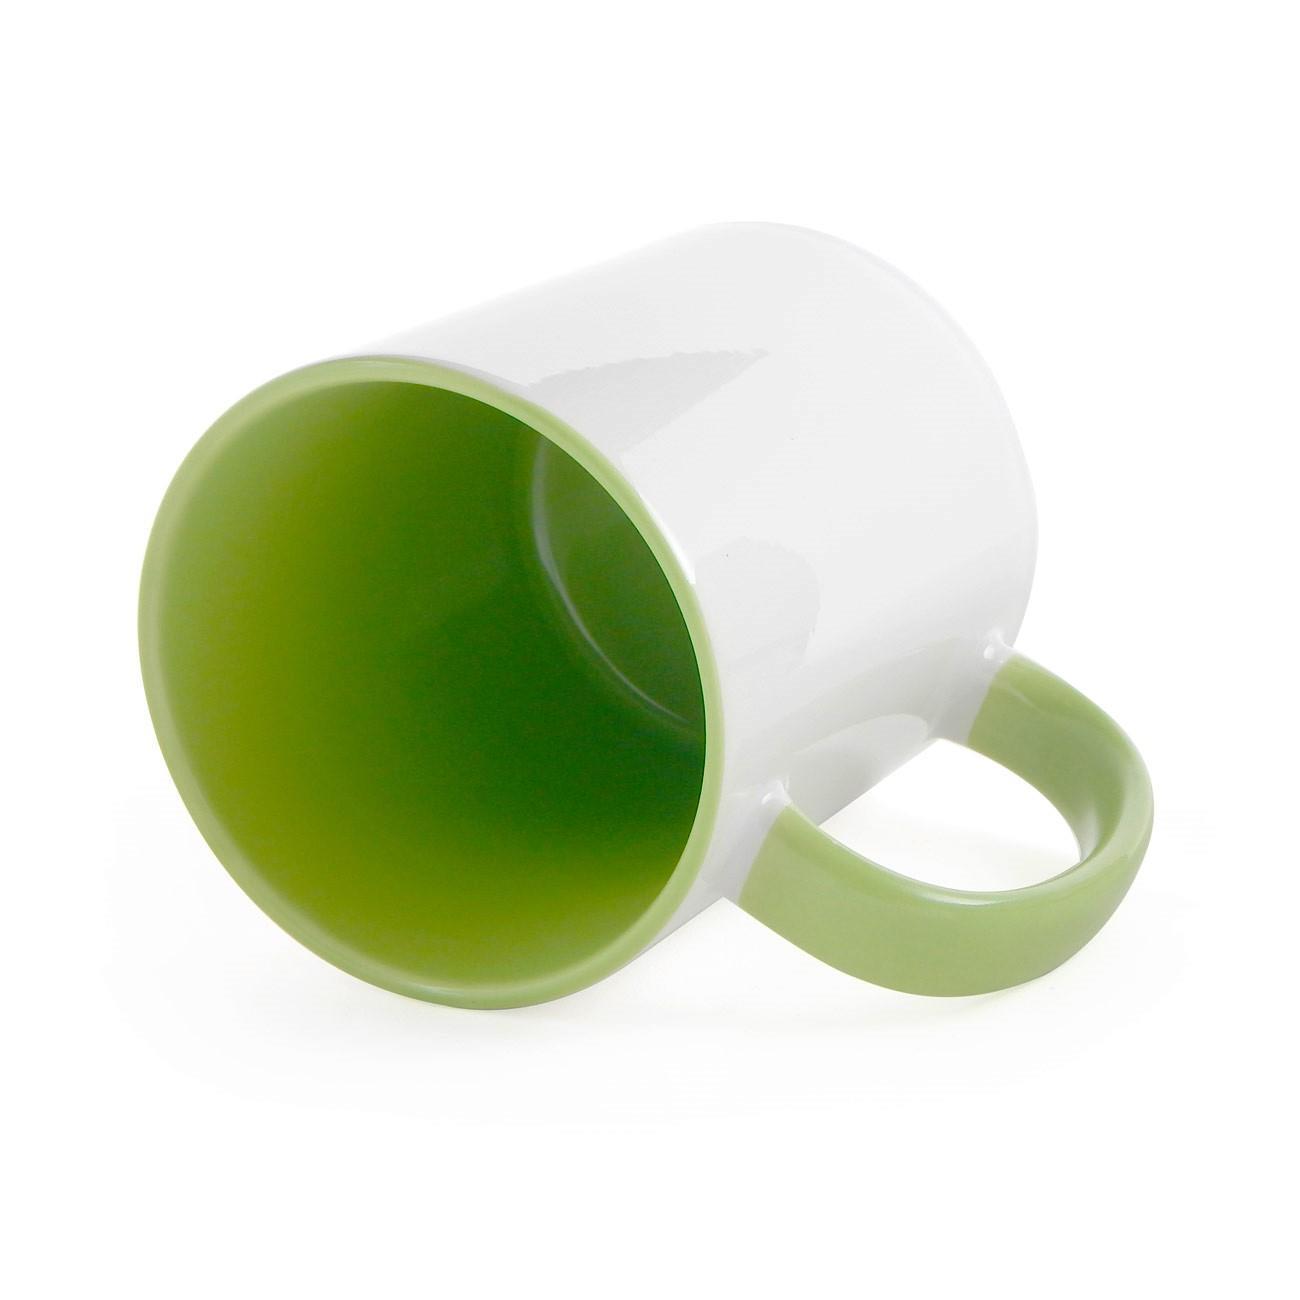 Caneca de Cerâmica Branca com Interior e Alça Colorida para Sublimação - Verde Claro